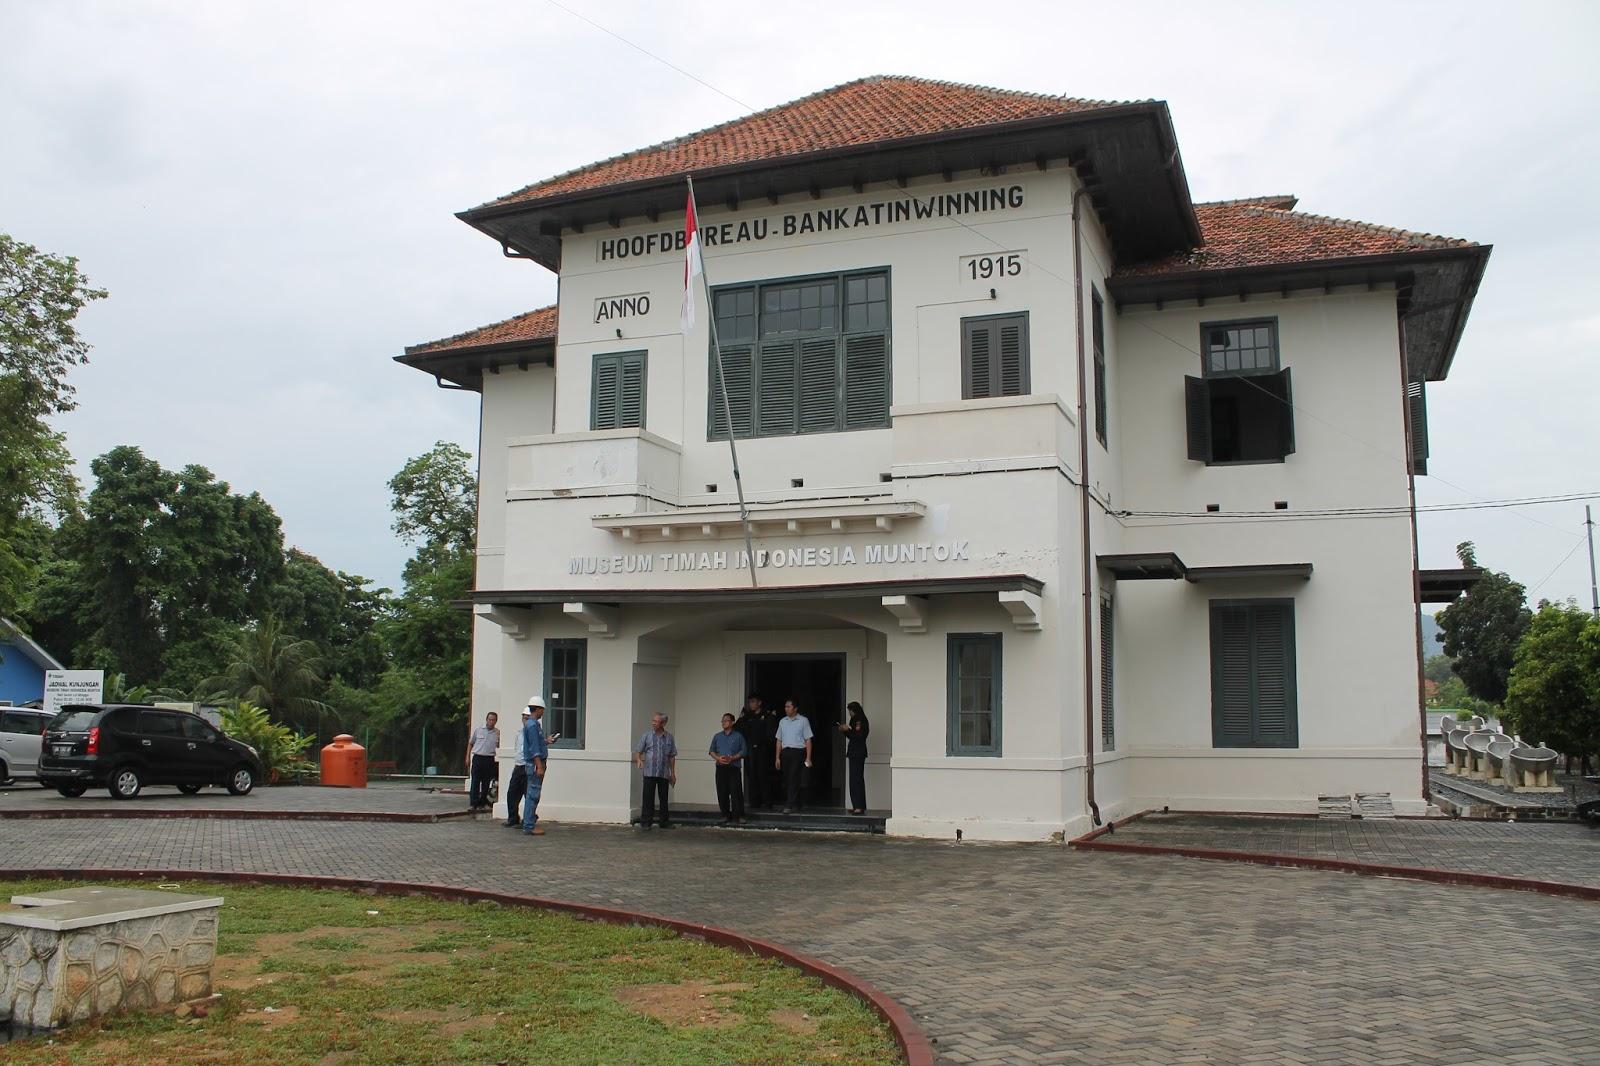 Museum Timah Indonesia Muntok Pulau Bangka Kota Pangkalpinang